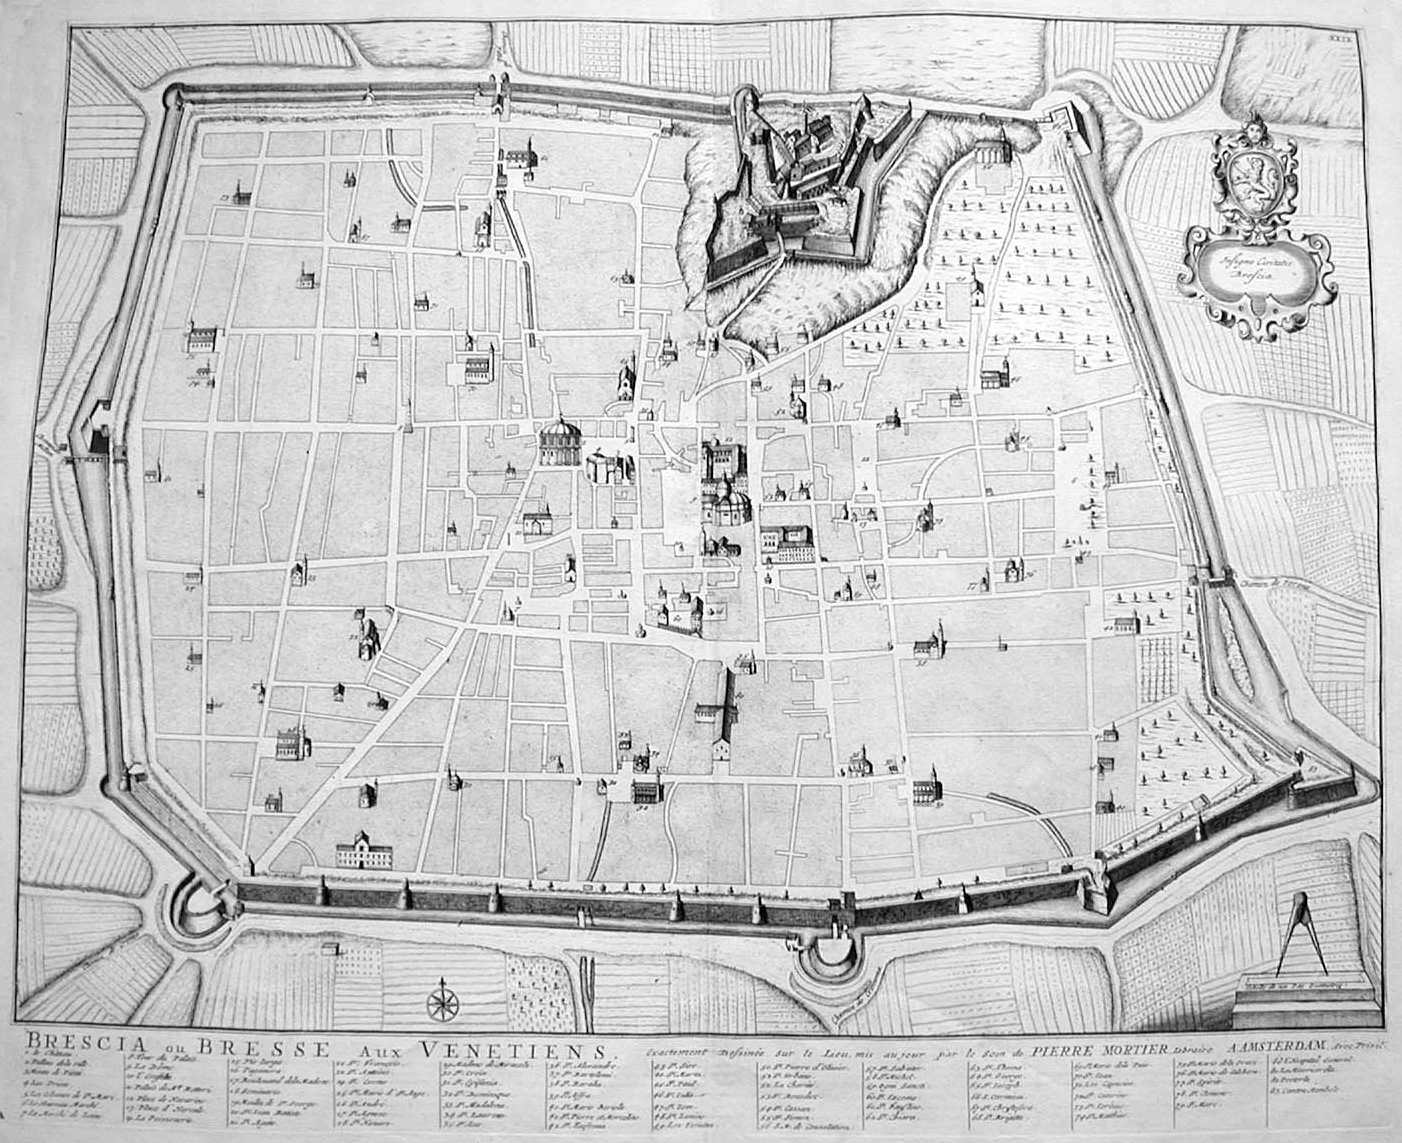 File:Mortier, Pierre (1661-1711), Mappa di Brescia a inizio